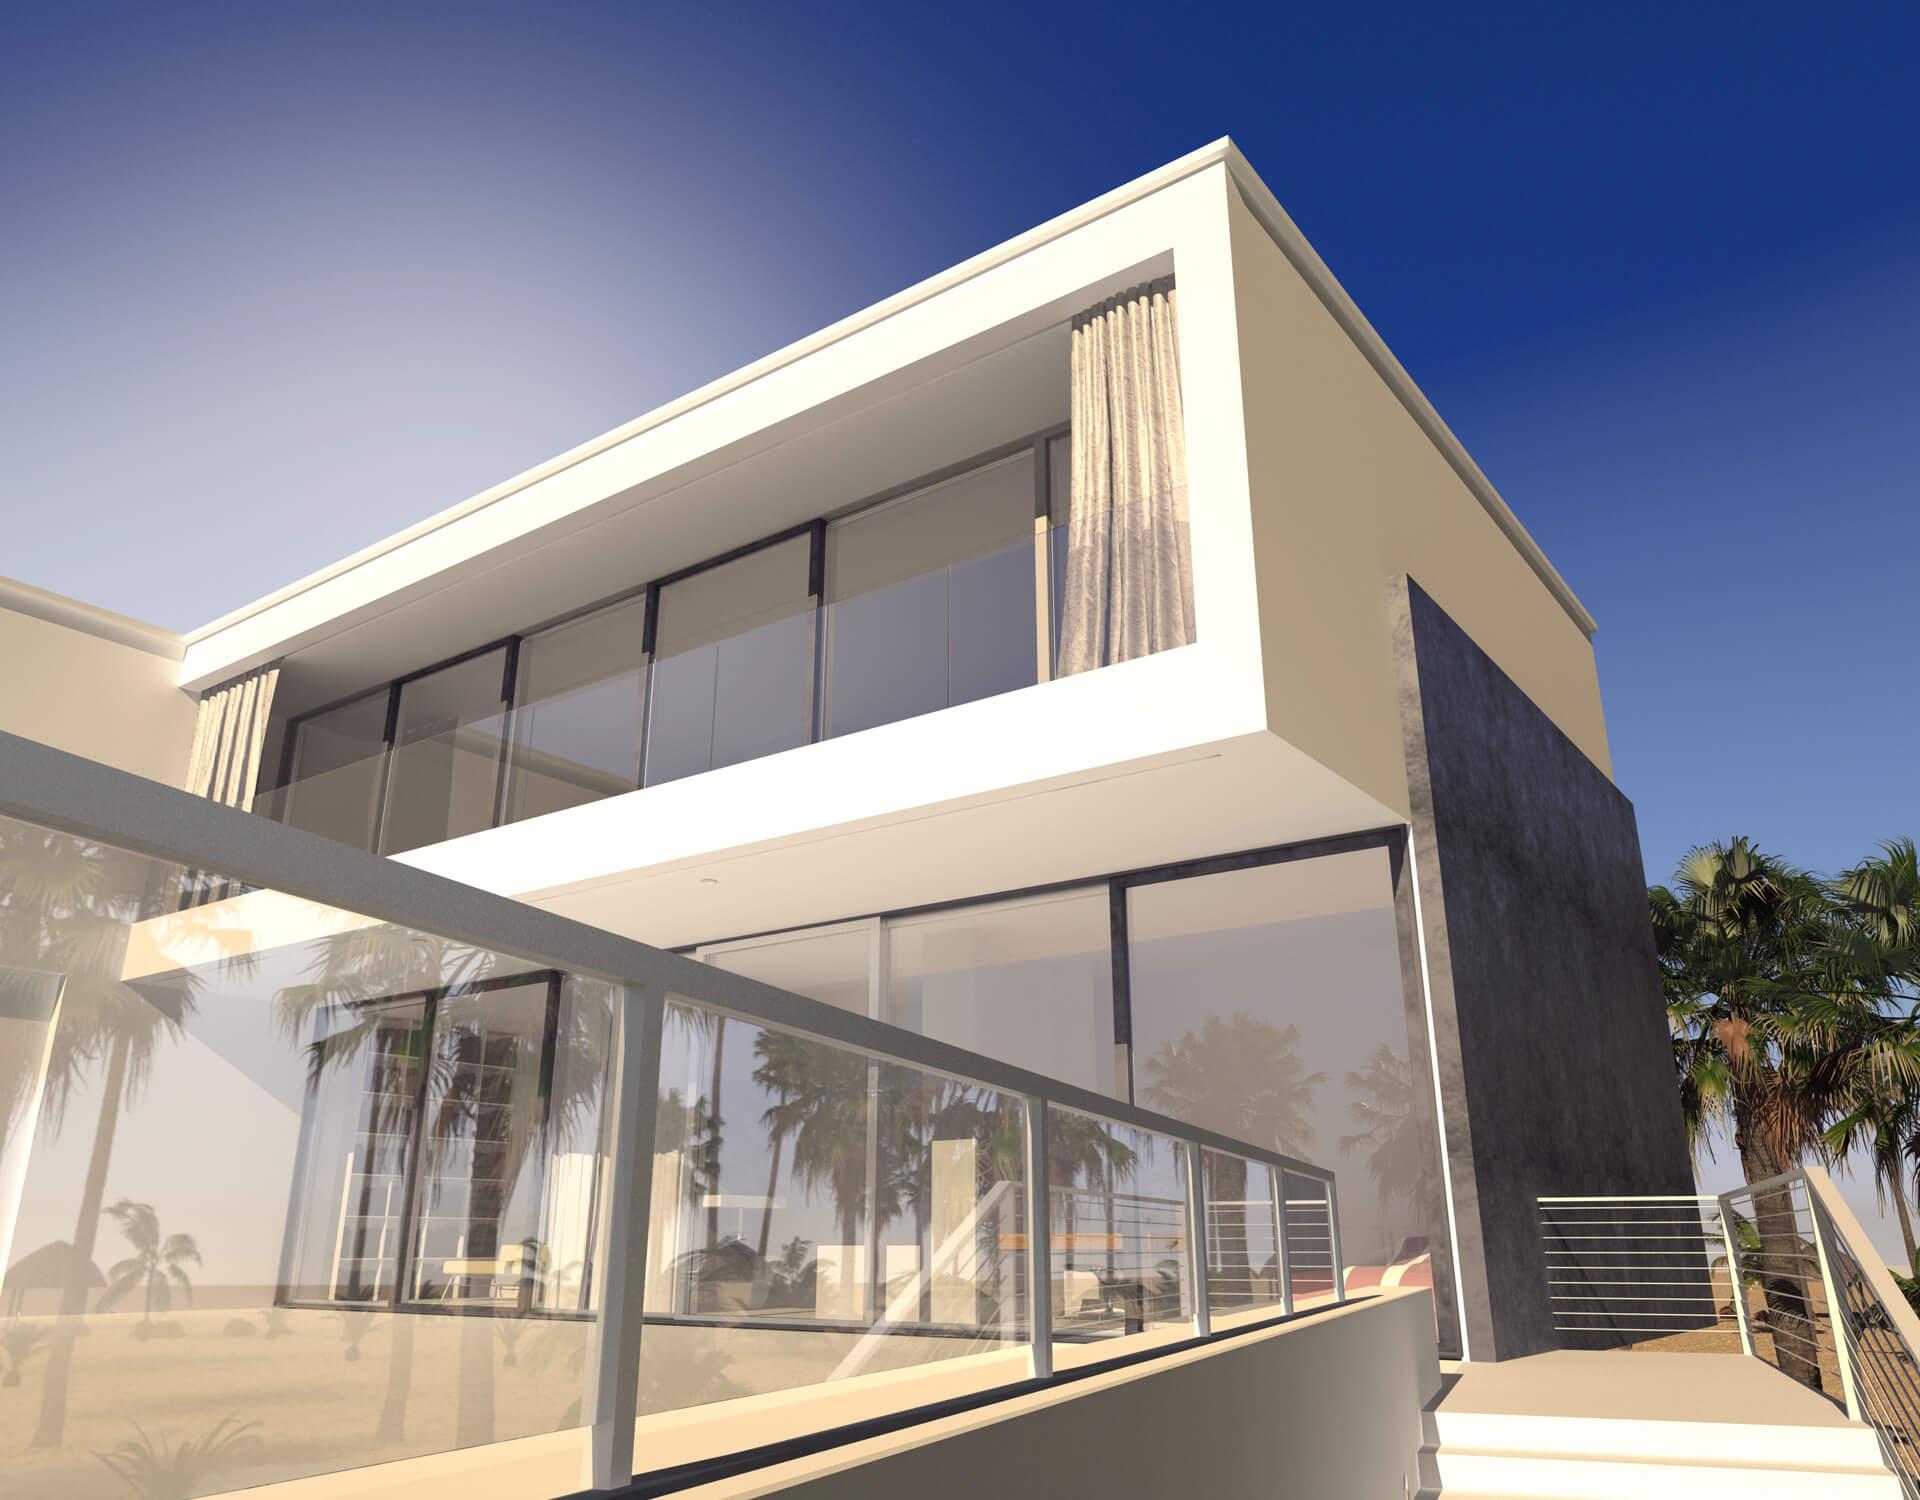 Luxury Home Exterior 03